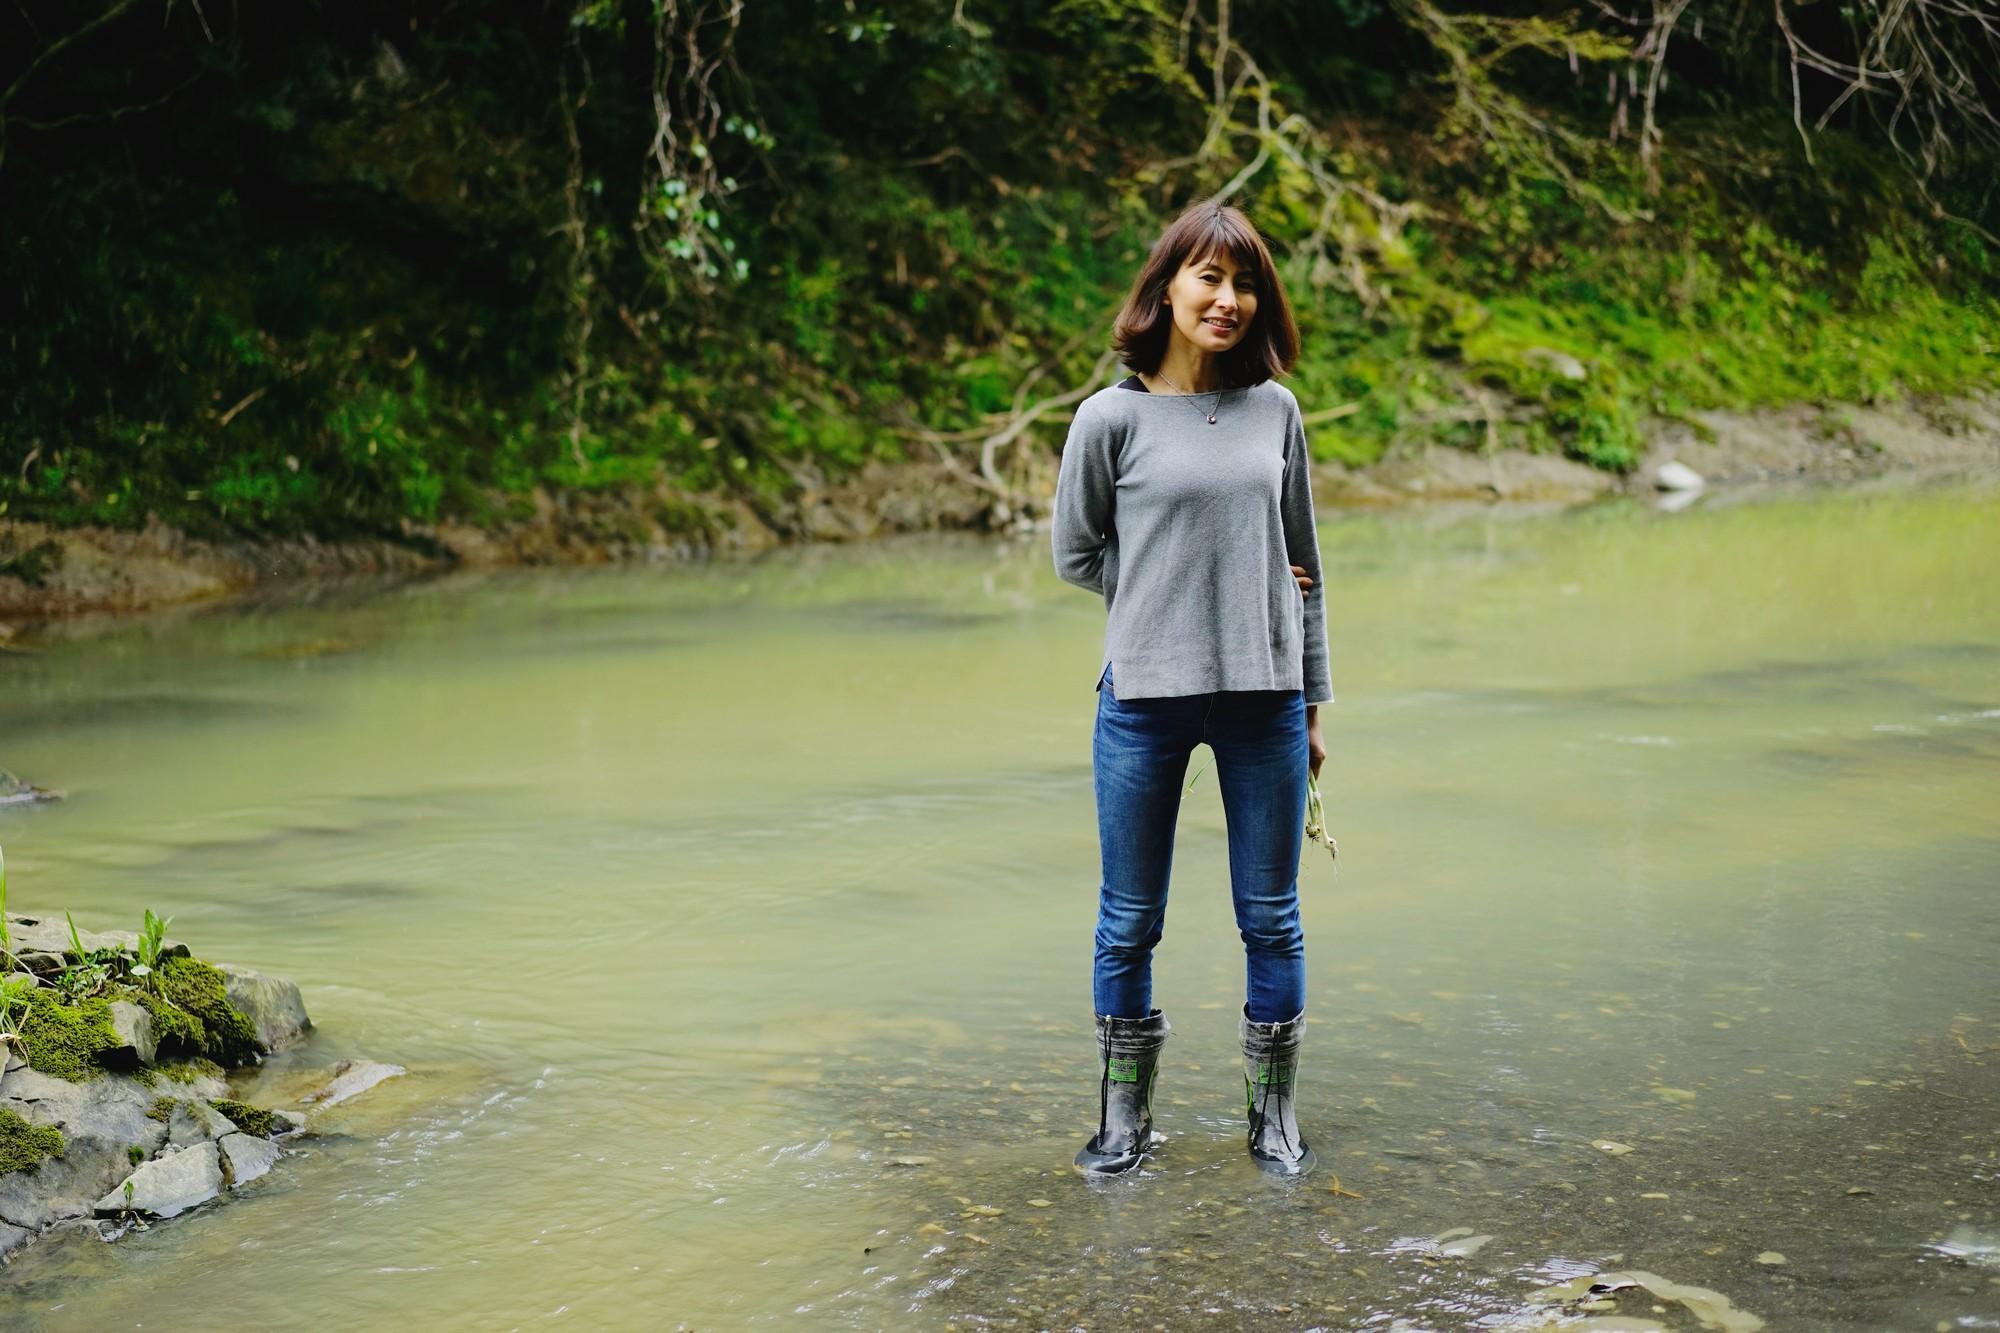 Nữ kỹ sư Nhật bỏ nhà phố, cùng gia đình về sống trong ngôi nhà nhỏ yên bình với vườn tược nơi thôn quê - Ảnh 18.